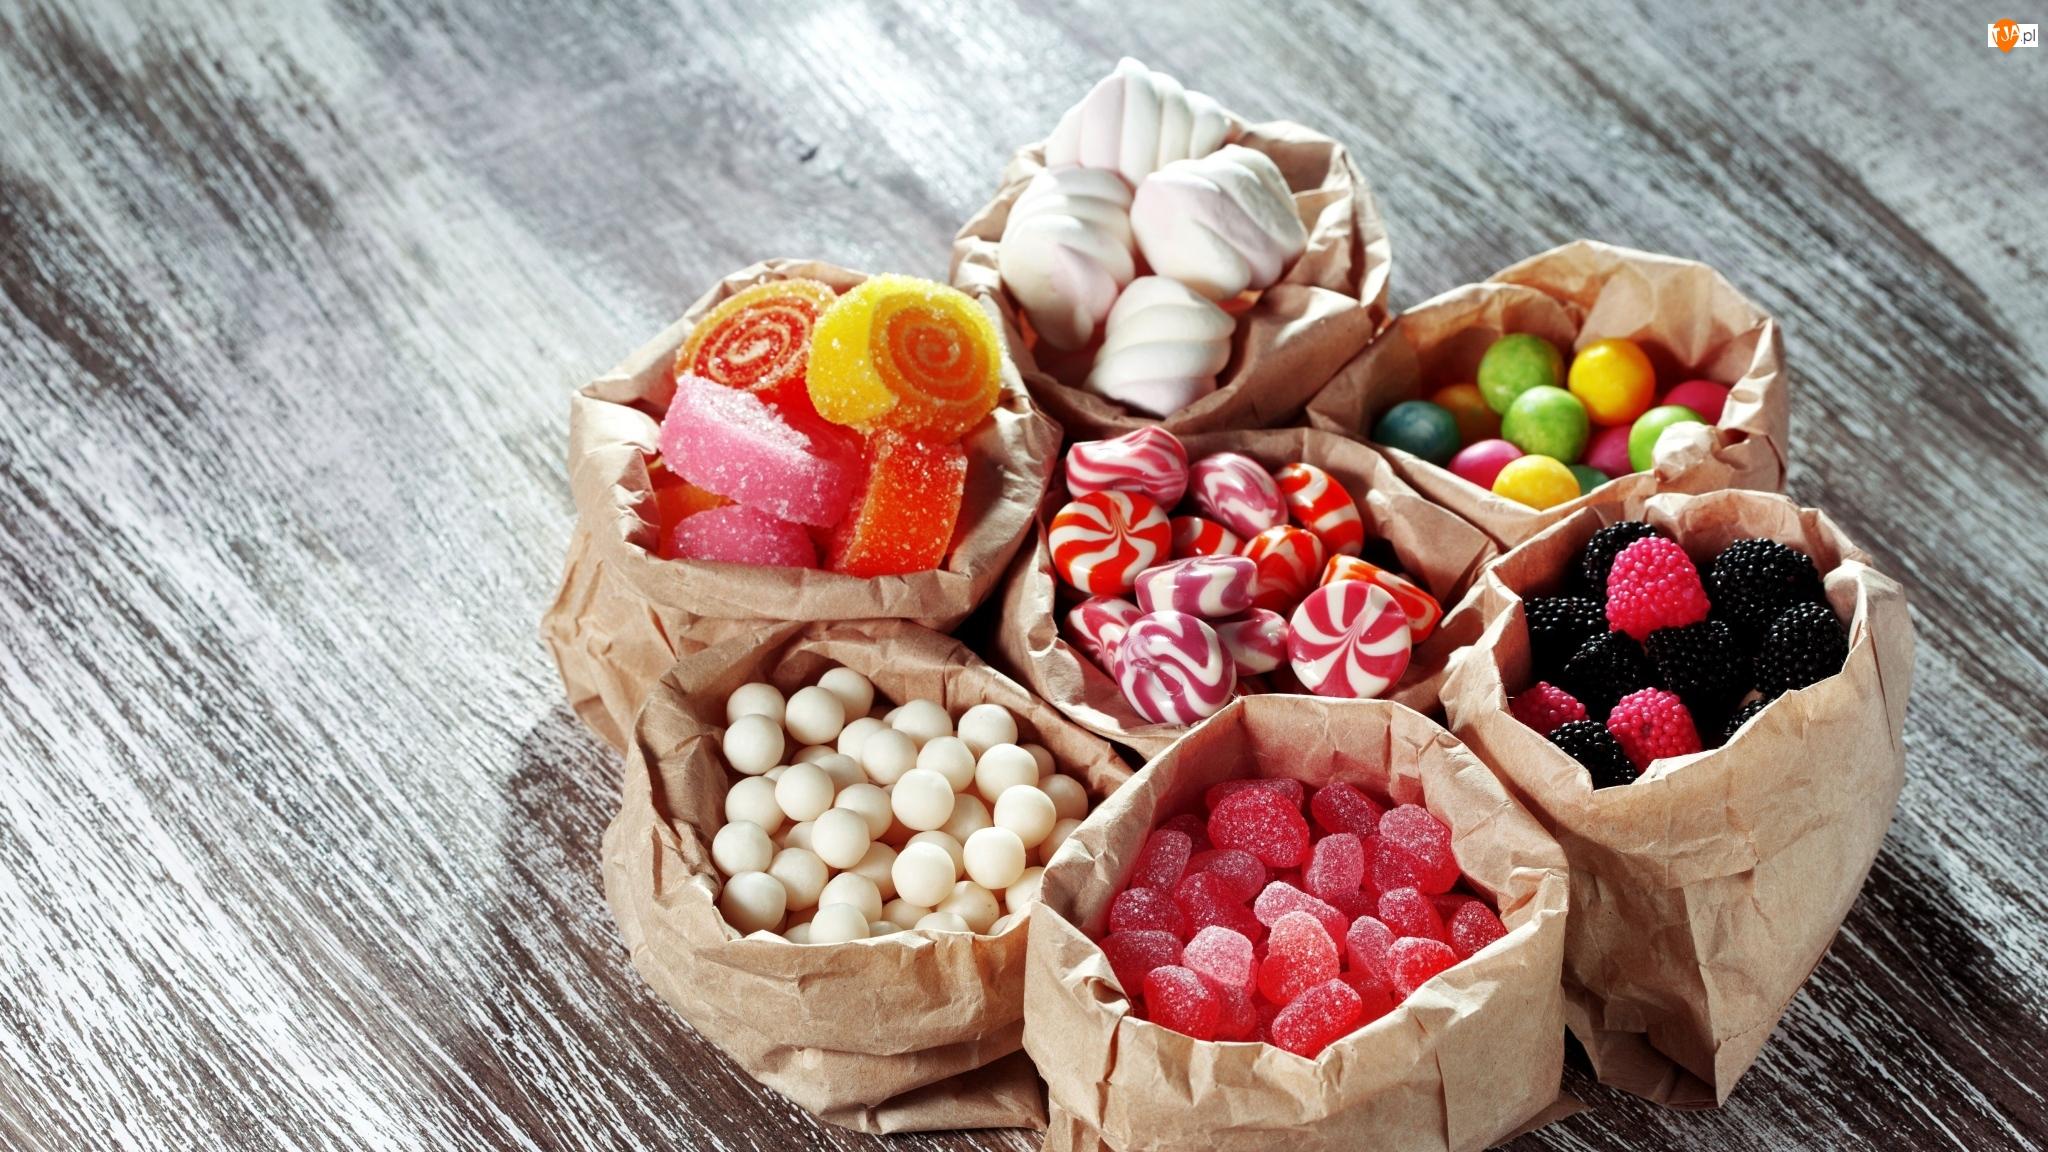 Słodycze, Bezy, Cukierki, Lizaki